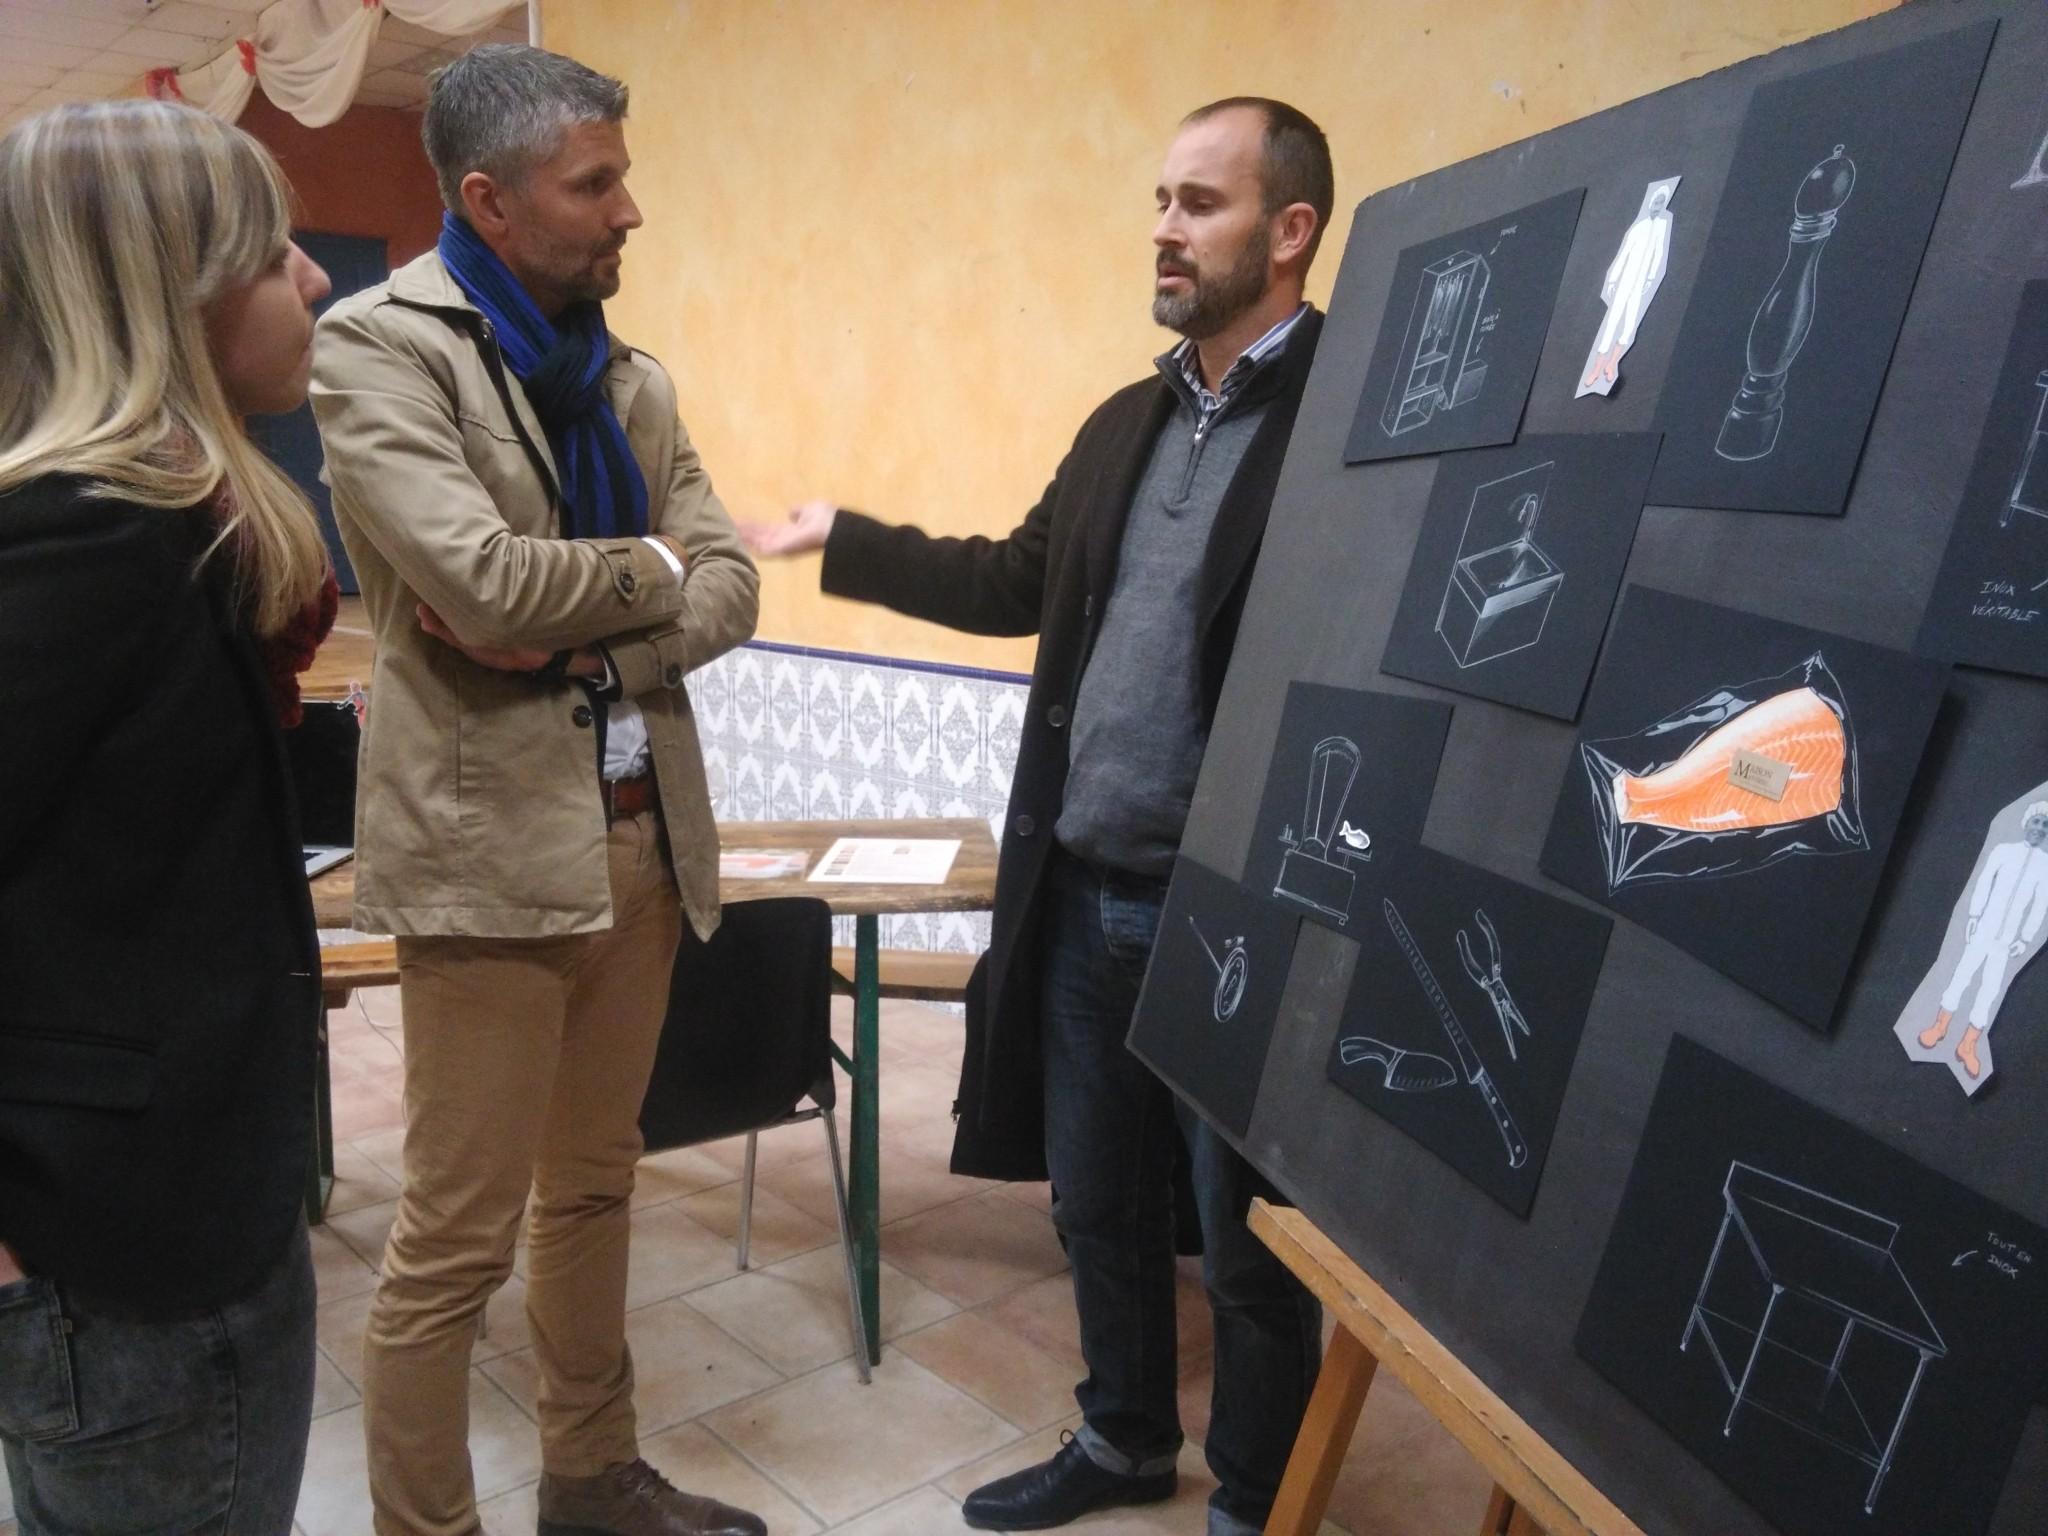 Stéphane en grande discussion avec nos amis de la Chambre des Métiers et de l'Artisanat du Gard